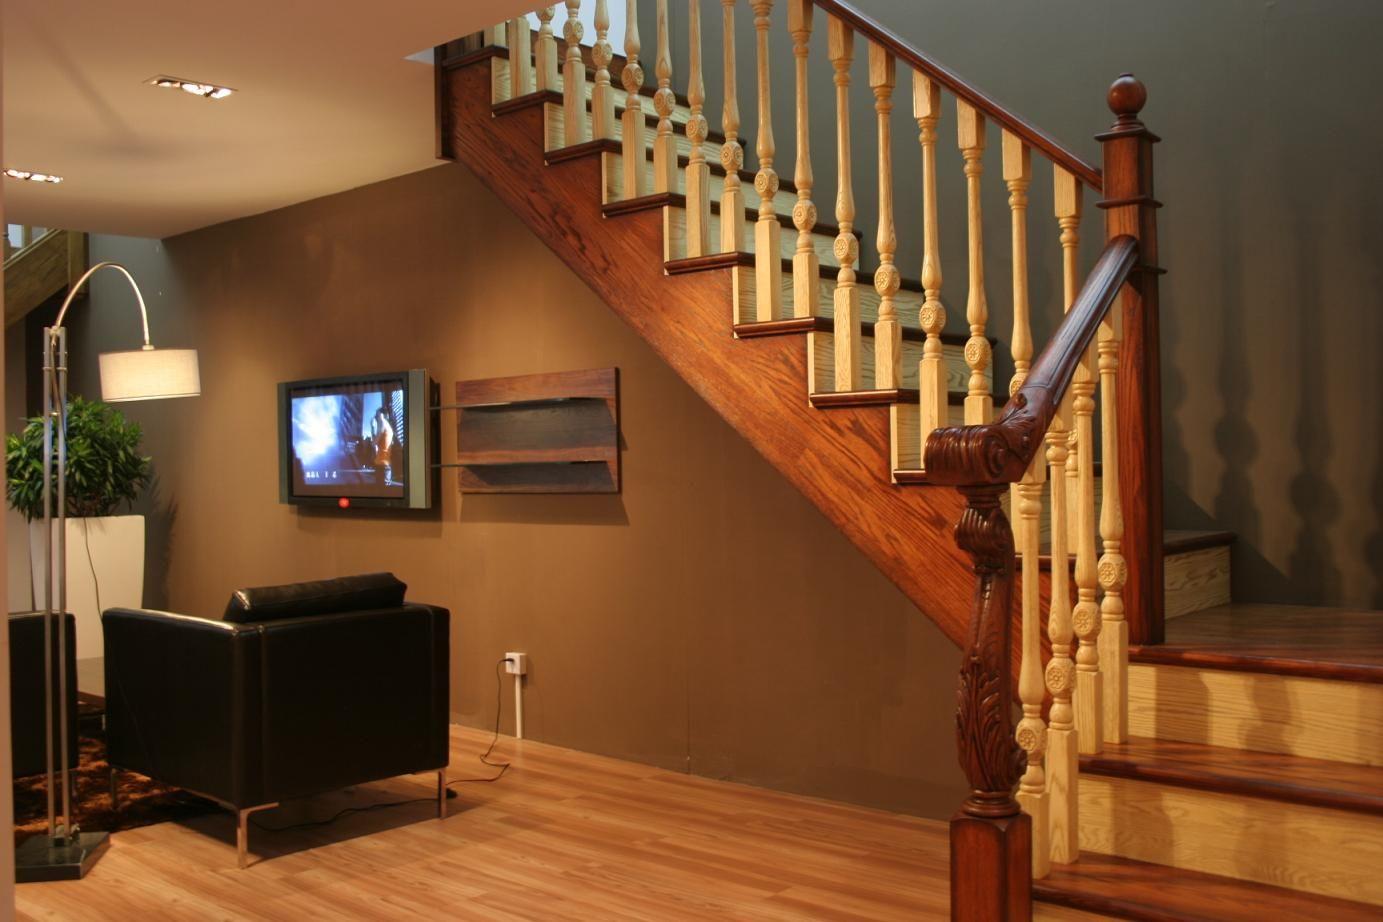 别墅实木楼梯pt009上海楼梯-上海实木楼梯-上海楼梯公司设计定制别墅